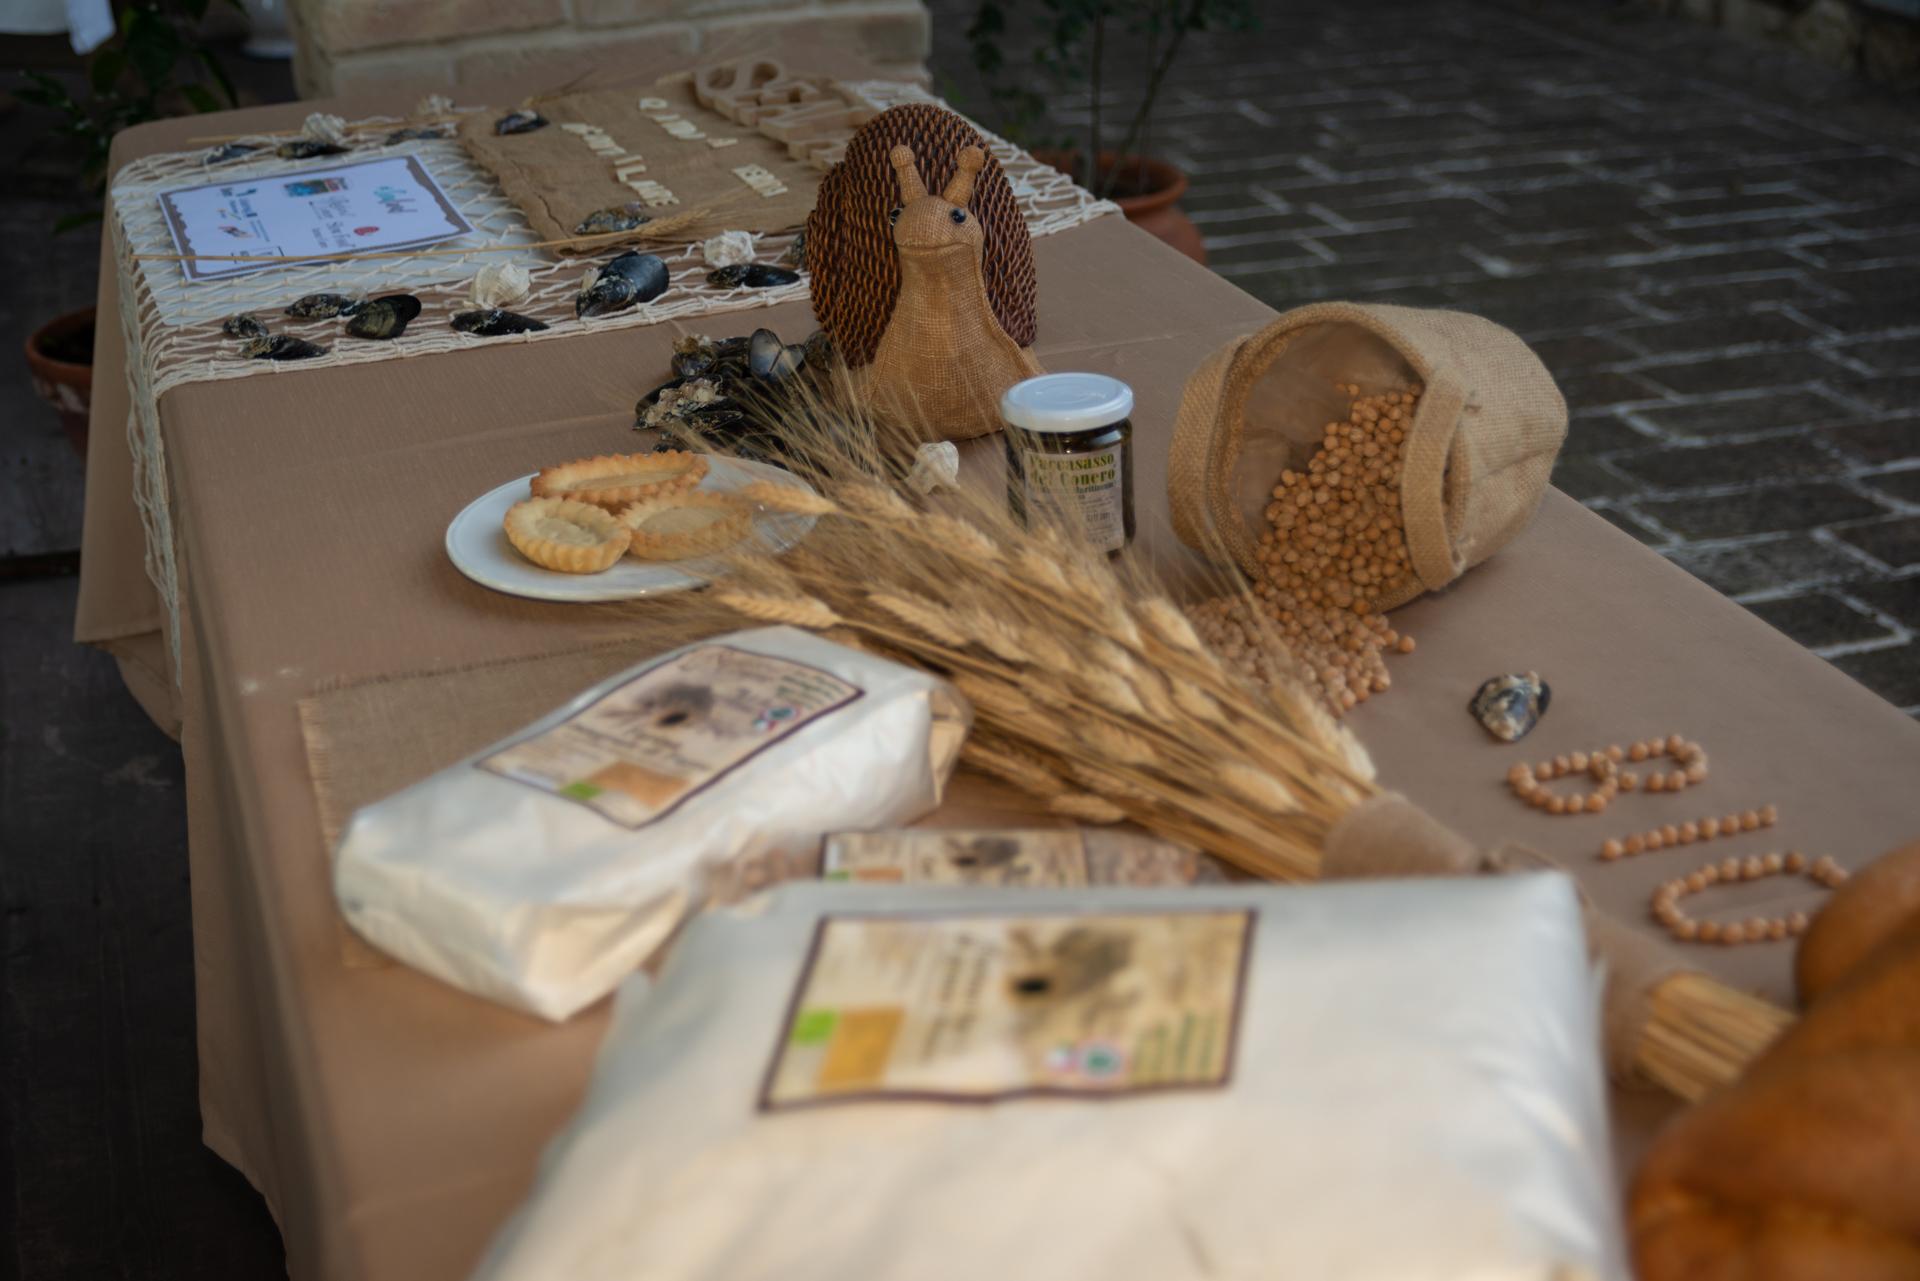 Prodotti biologici dell'Agriturismo Rustico del Conero